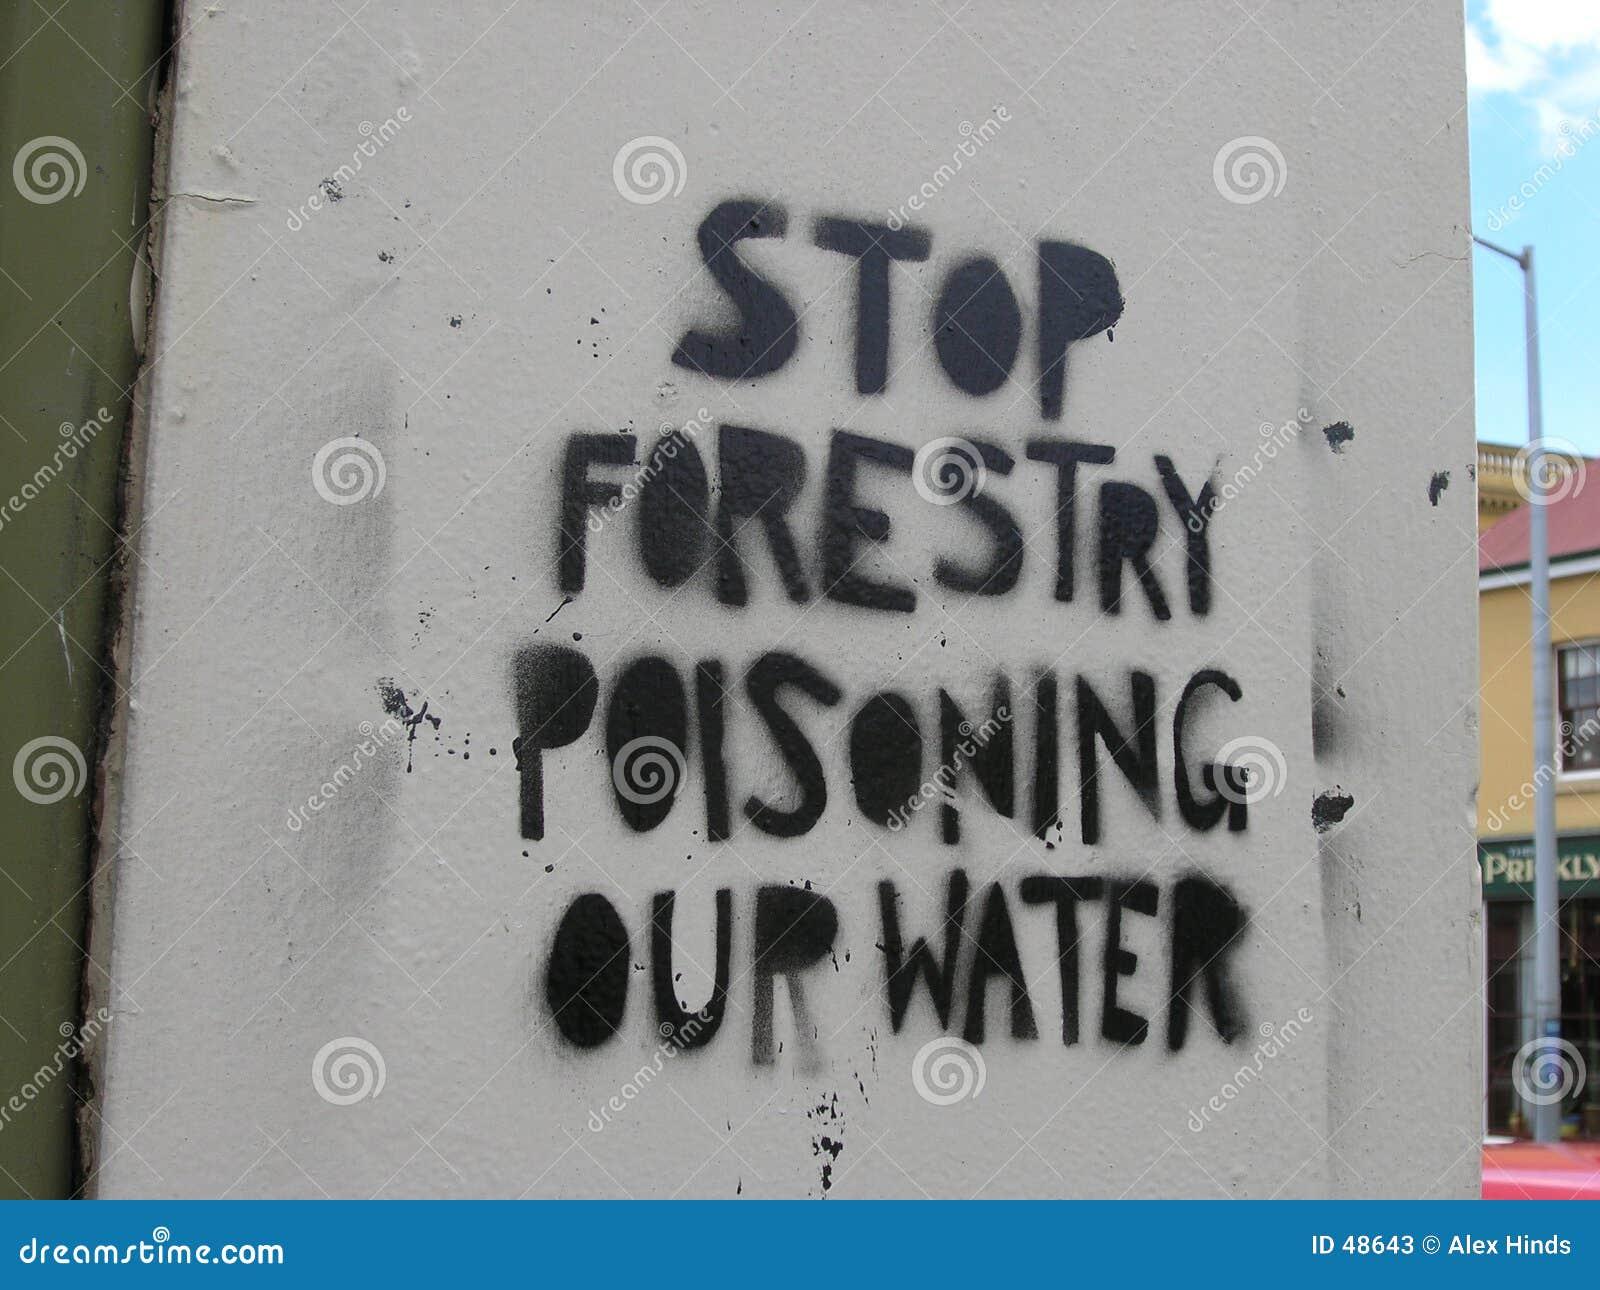 Graffiti protest